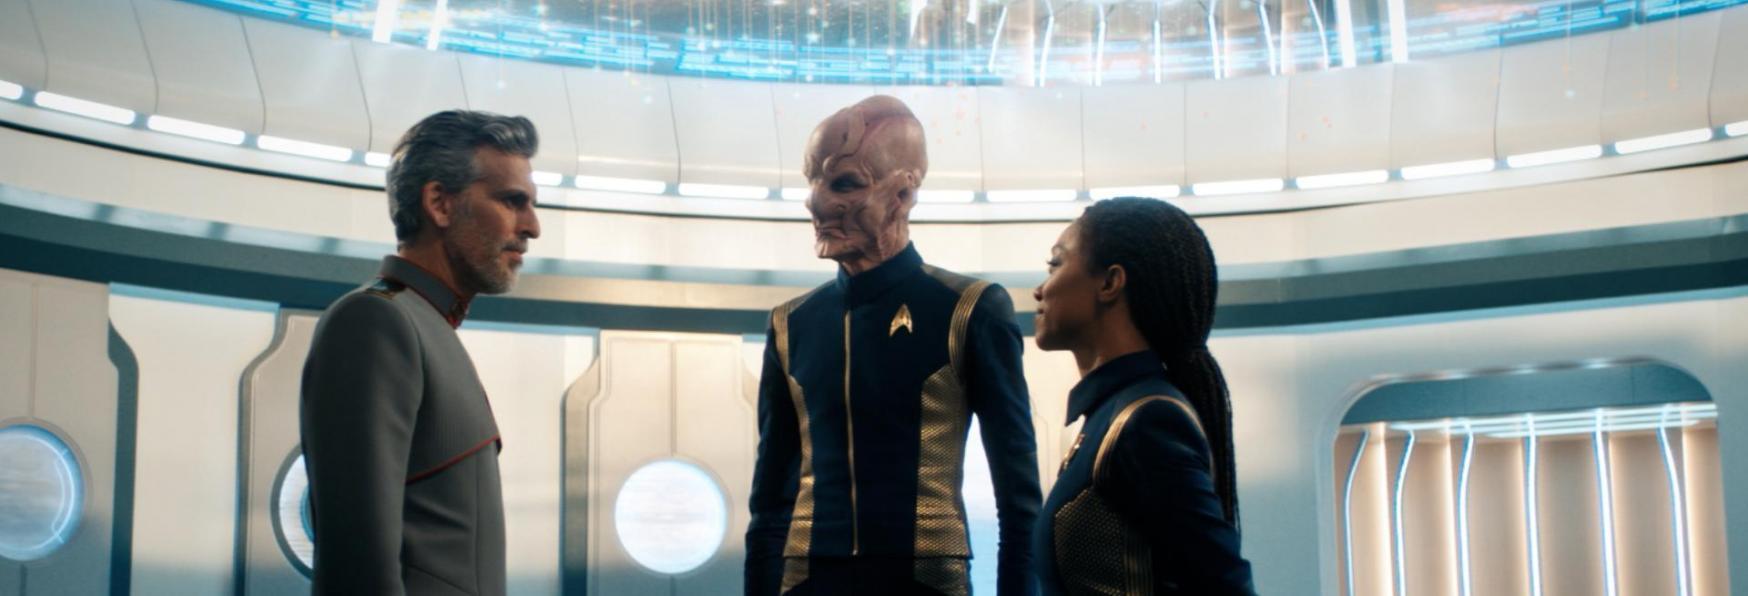 Star Trek: Discovery 4 - la nuova Stagione vedrà la Ricostruzione della Federazione